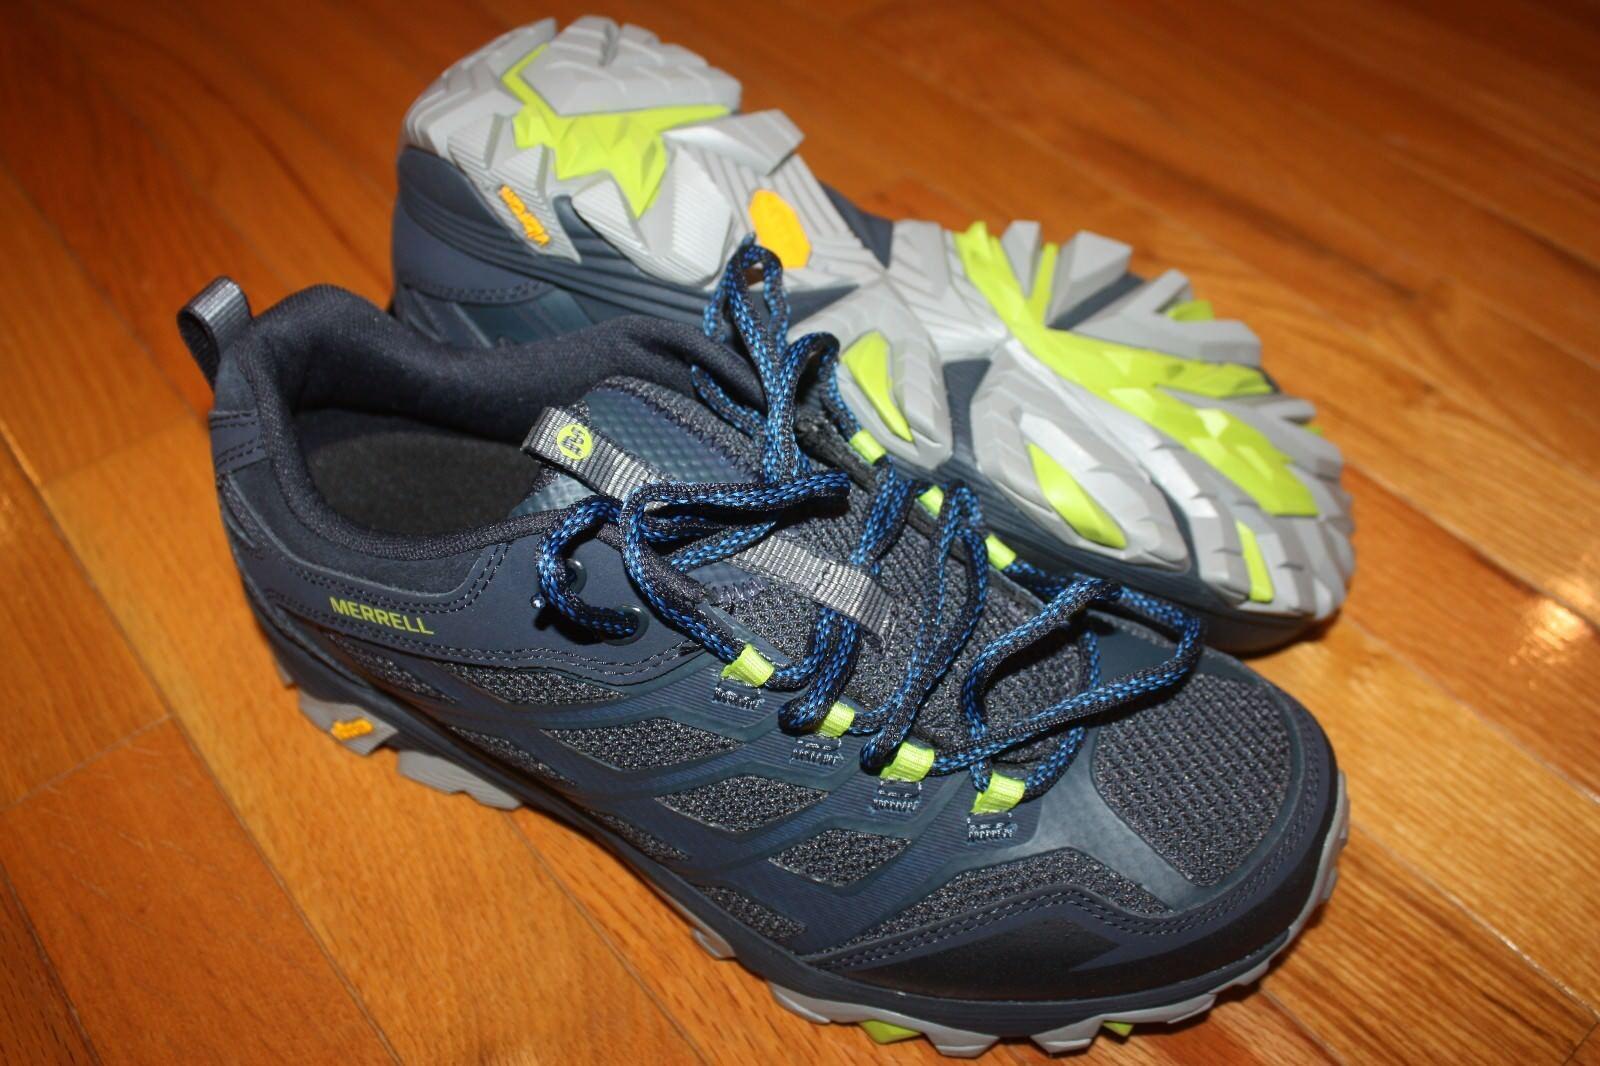 Nuevo En Caja Para hombre Zapatos Merrell Moab FST J35787 Senderismo nos Envío Gratuito Rápido